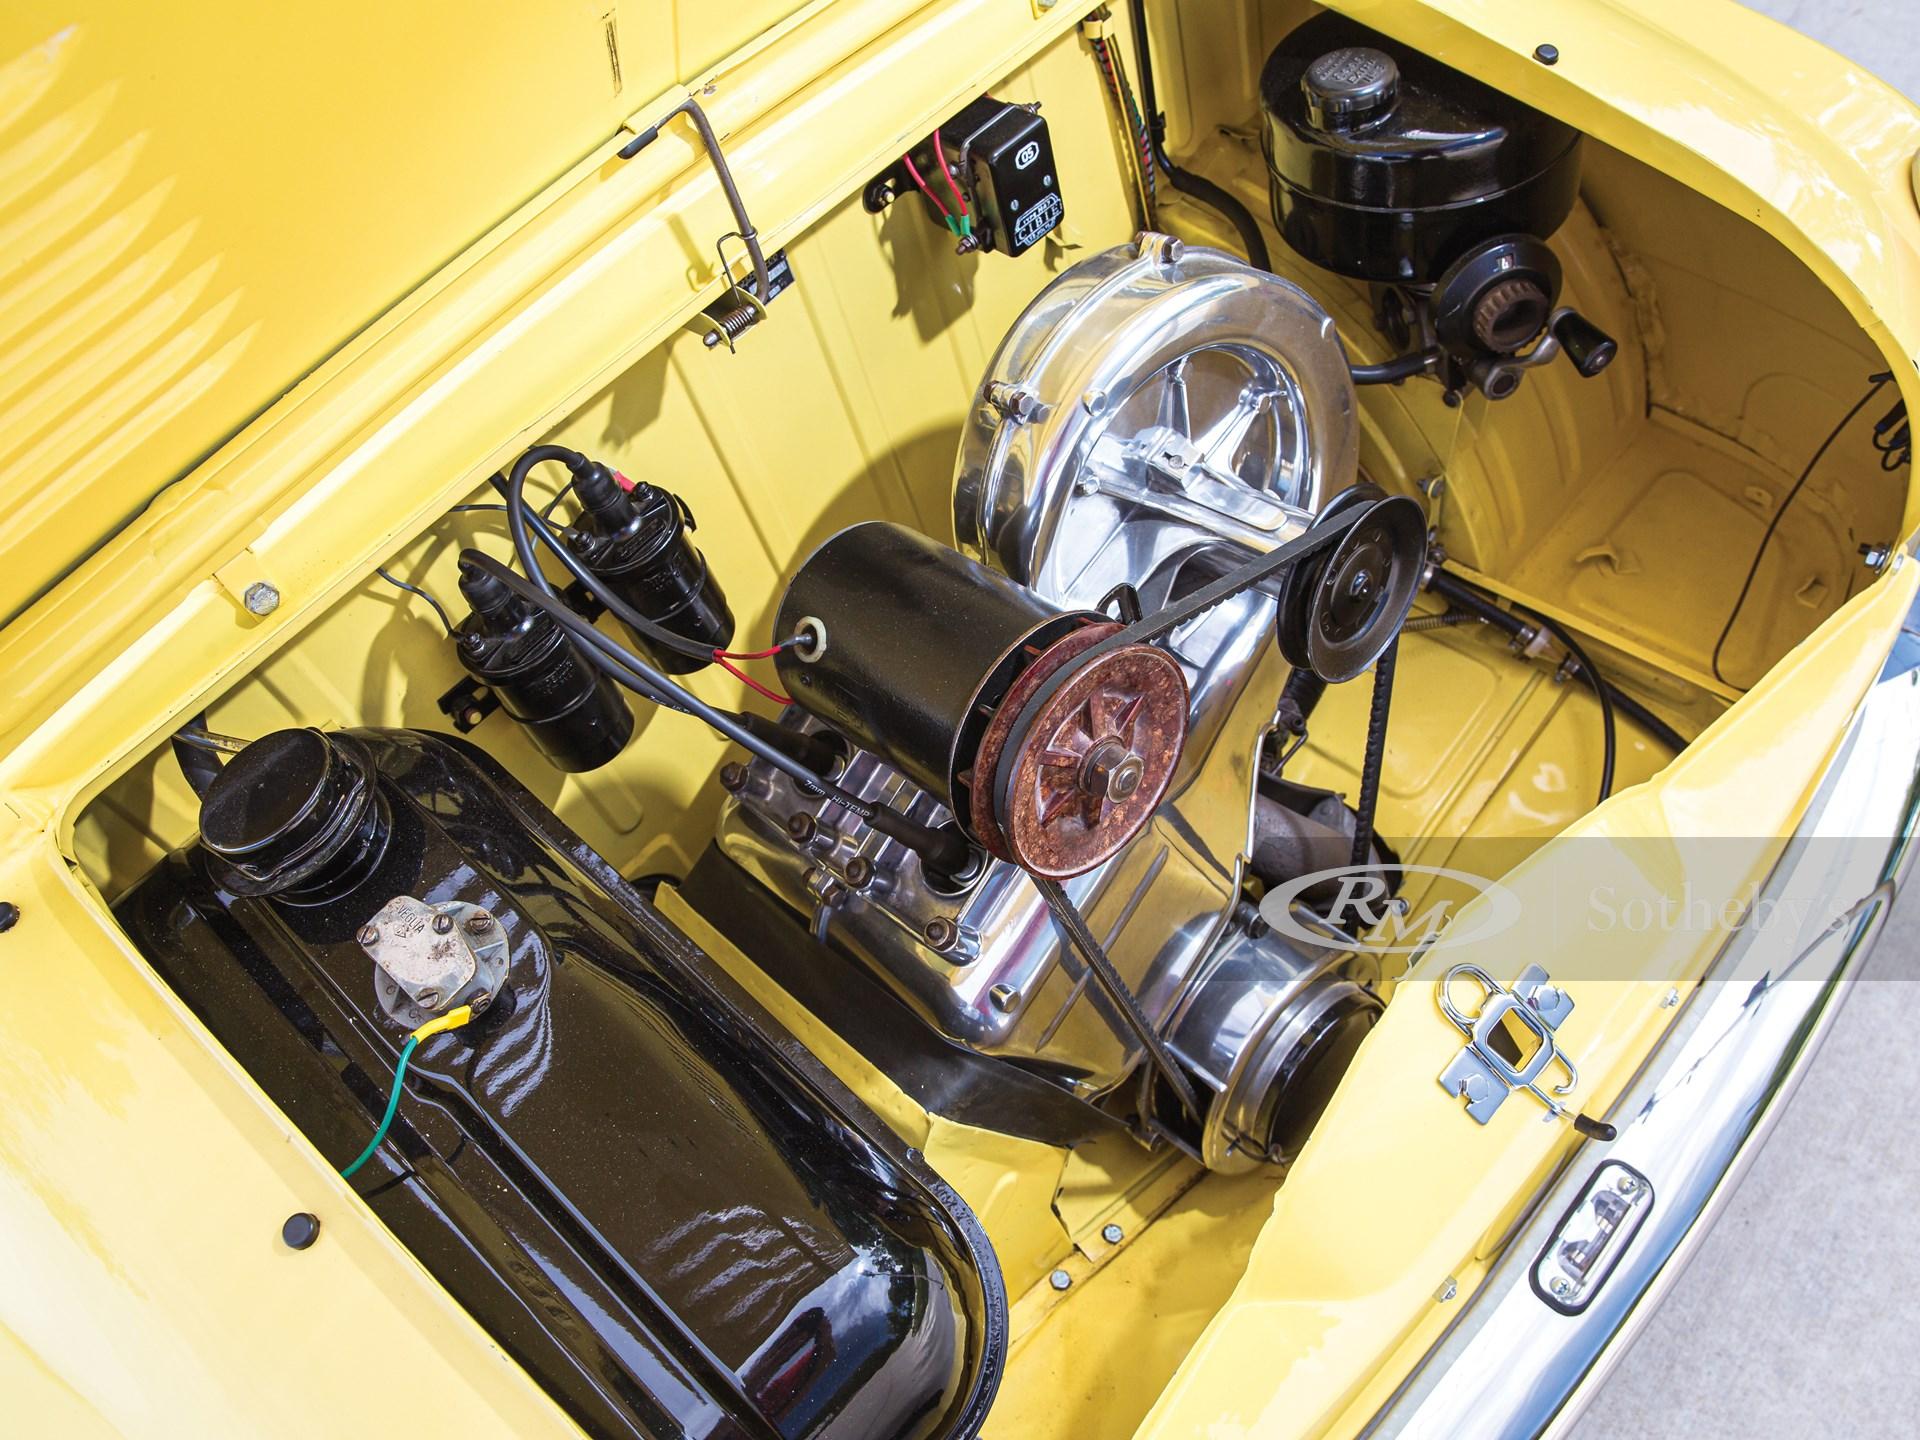 1961 Piaggio Vespa 400  -